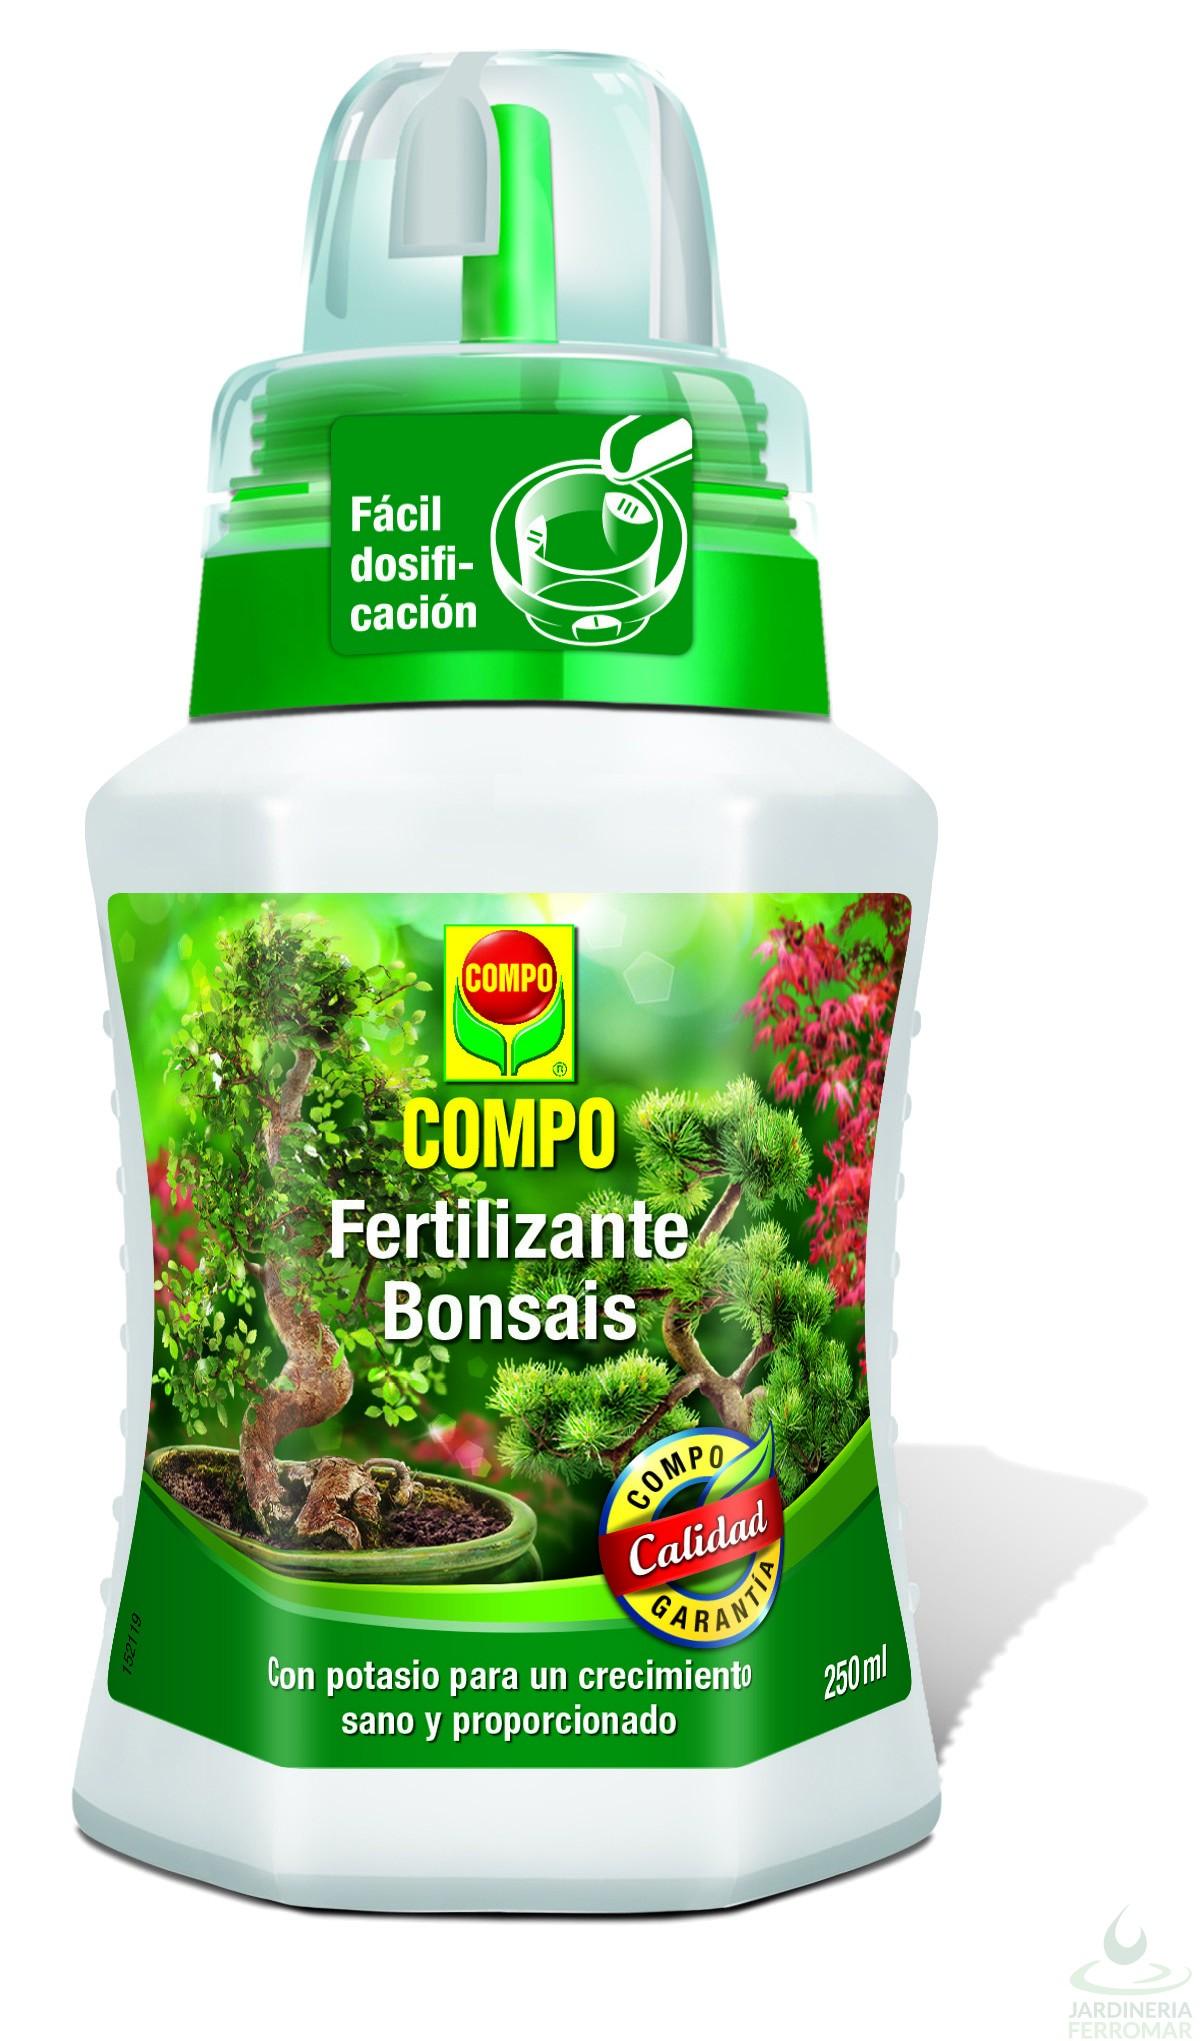 Compo Fertilizante Bonsais 500ml